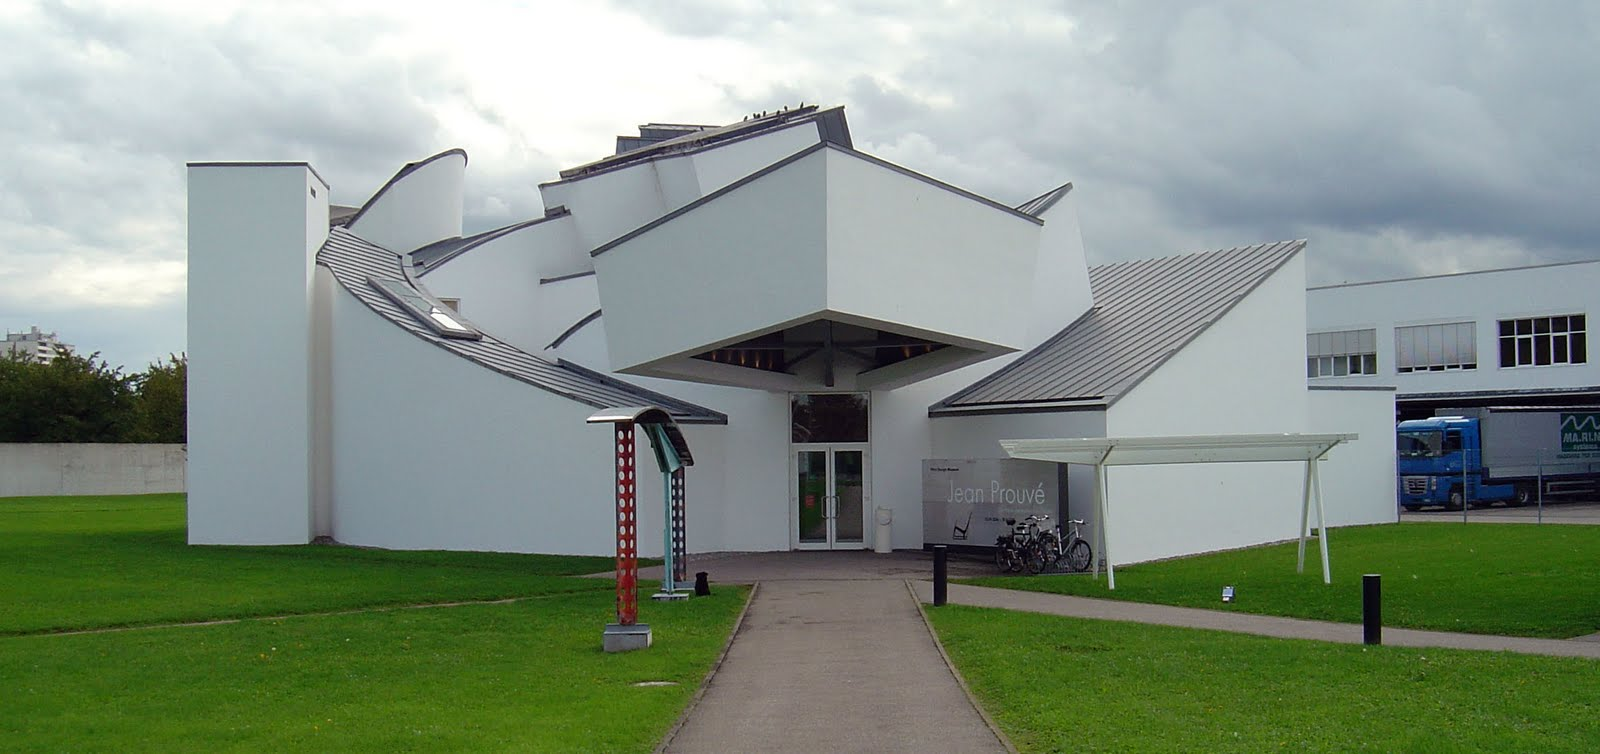 El zulo de las ideacas deconstruccion para romperte la cabeza for 4 1 architecture view